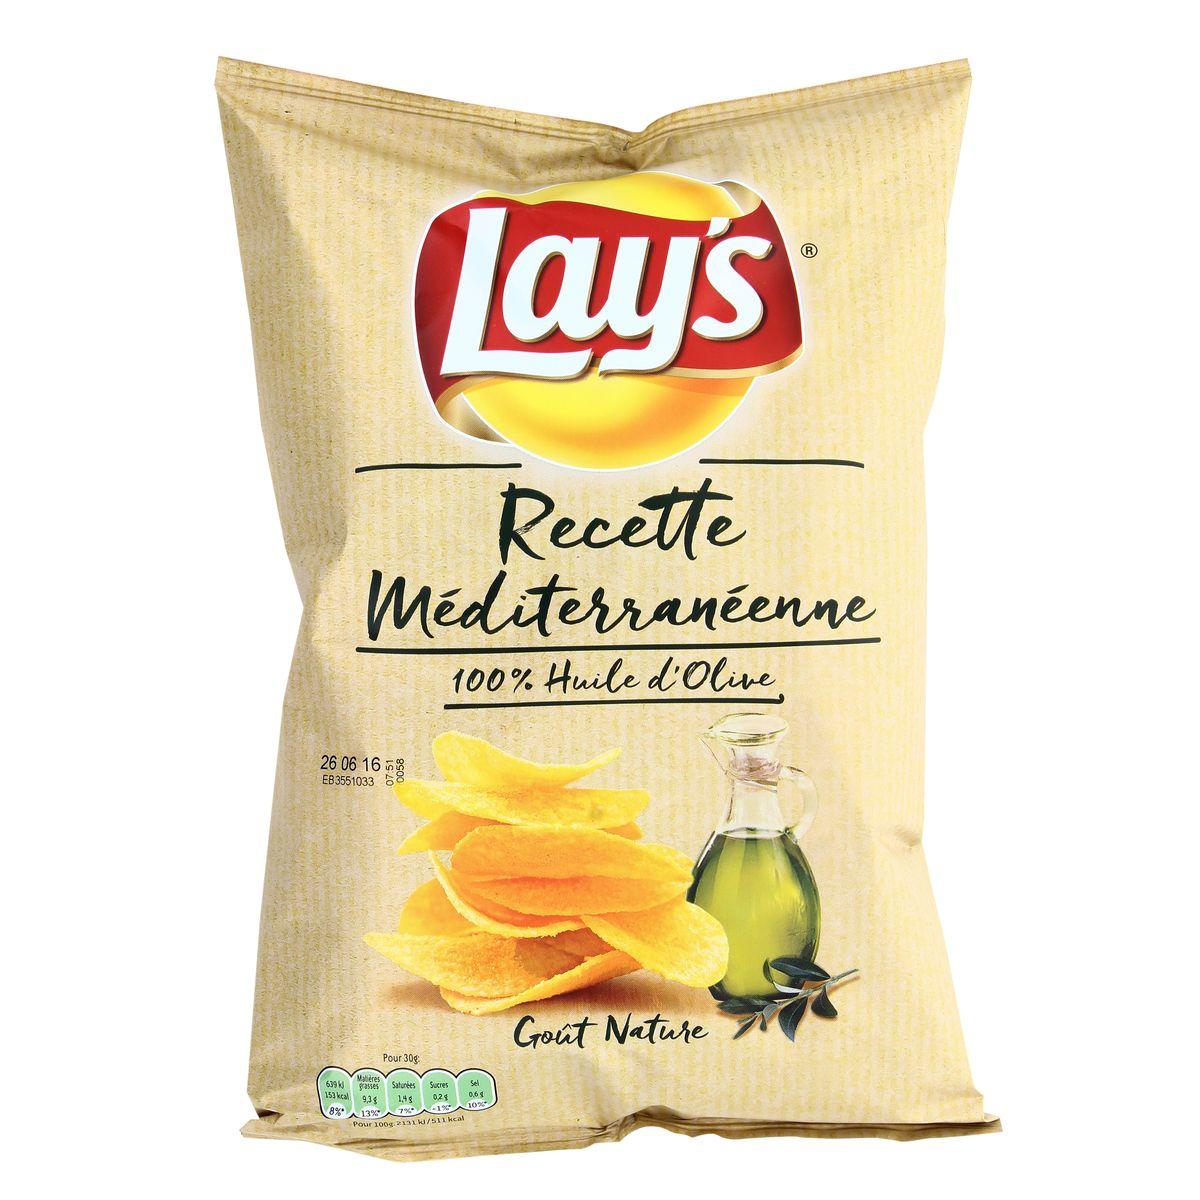 Pack de 6 - Chips recette méditerranéenne nature, Lay's (6 x 130 g)